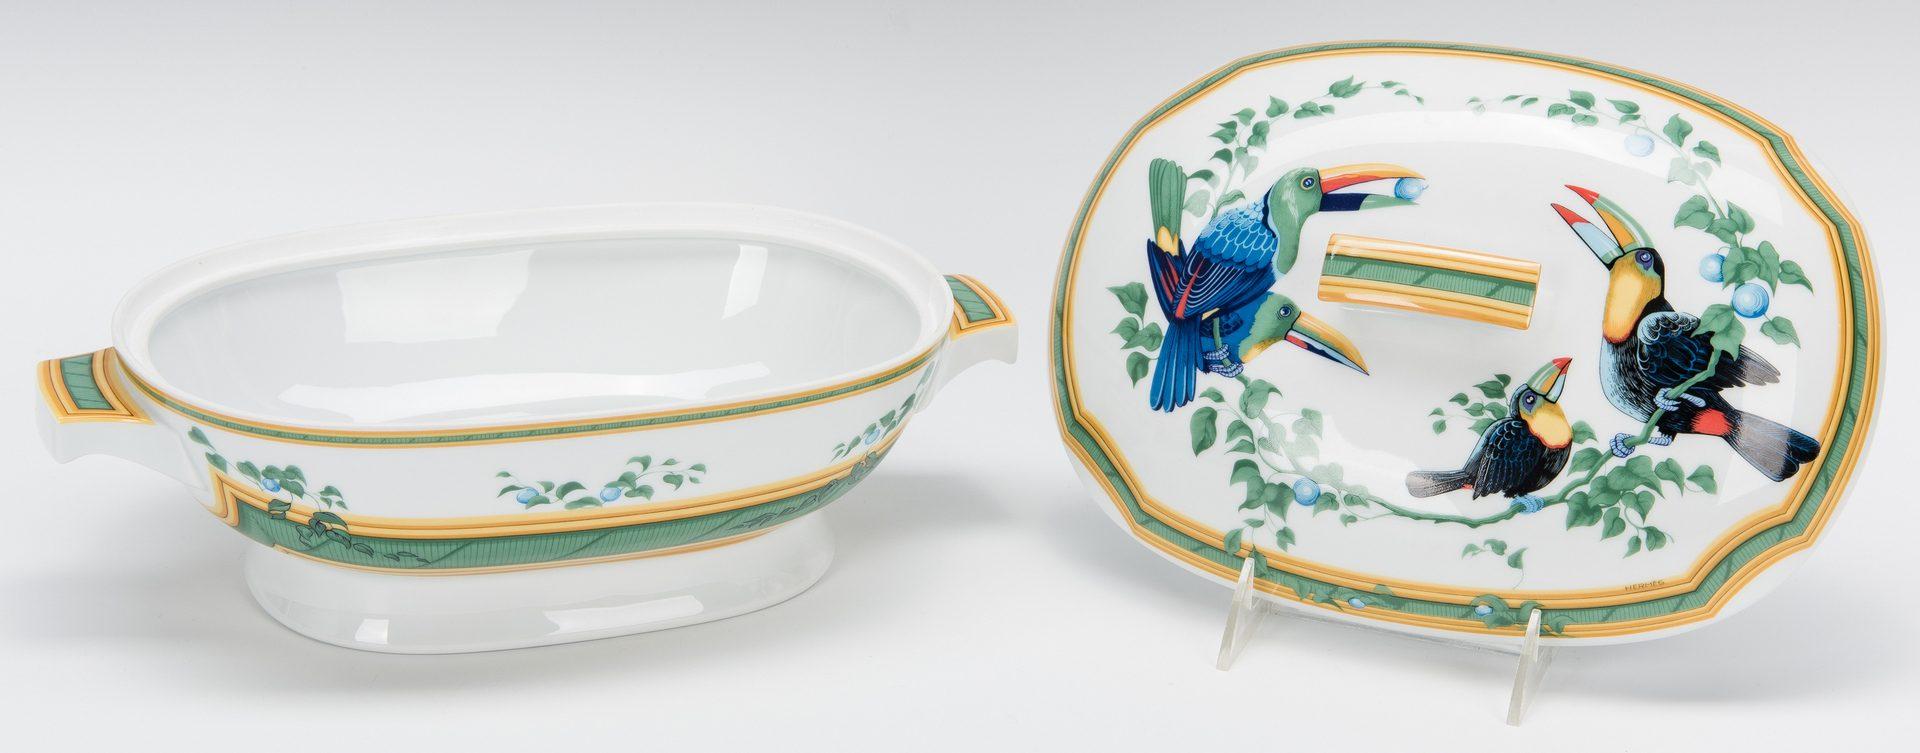 Lot 261: 9 Hermes Paris Toucans Pattern Porcelain Items